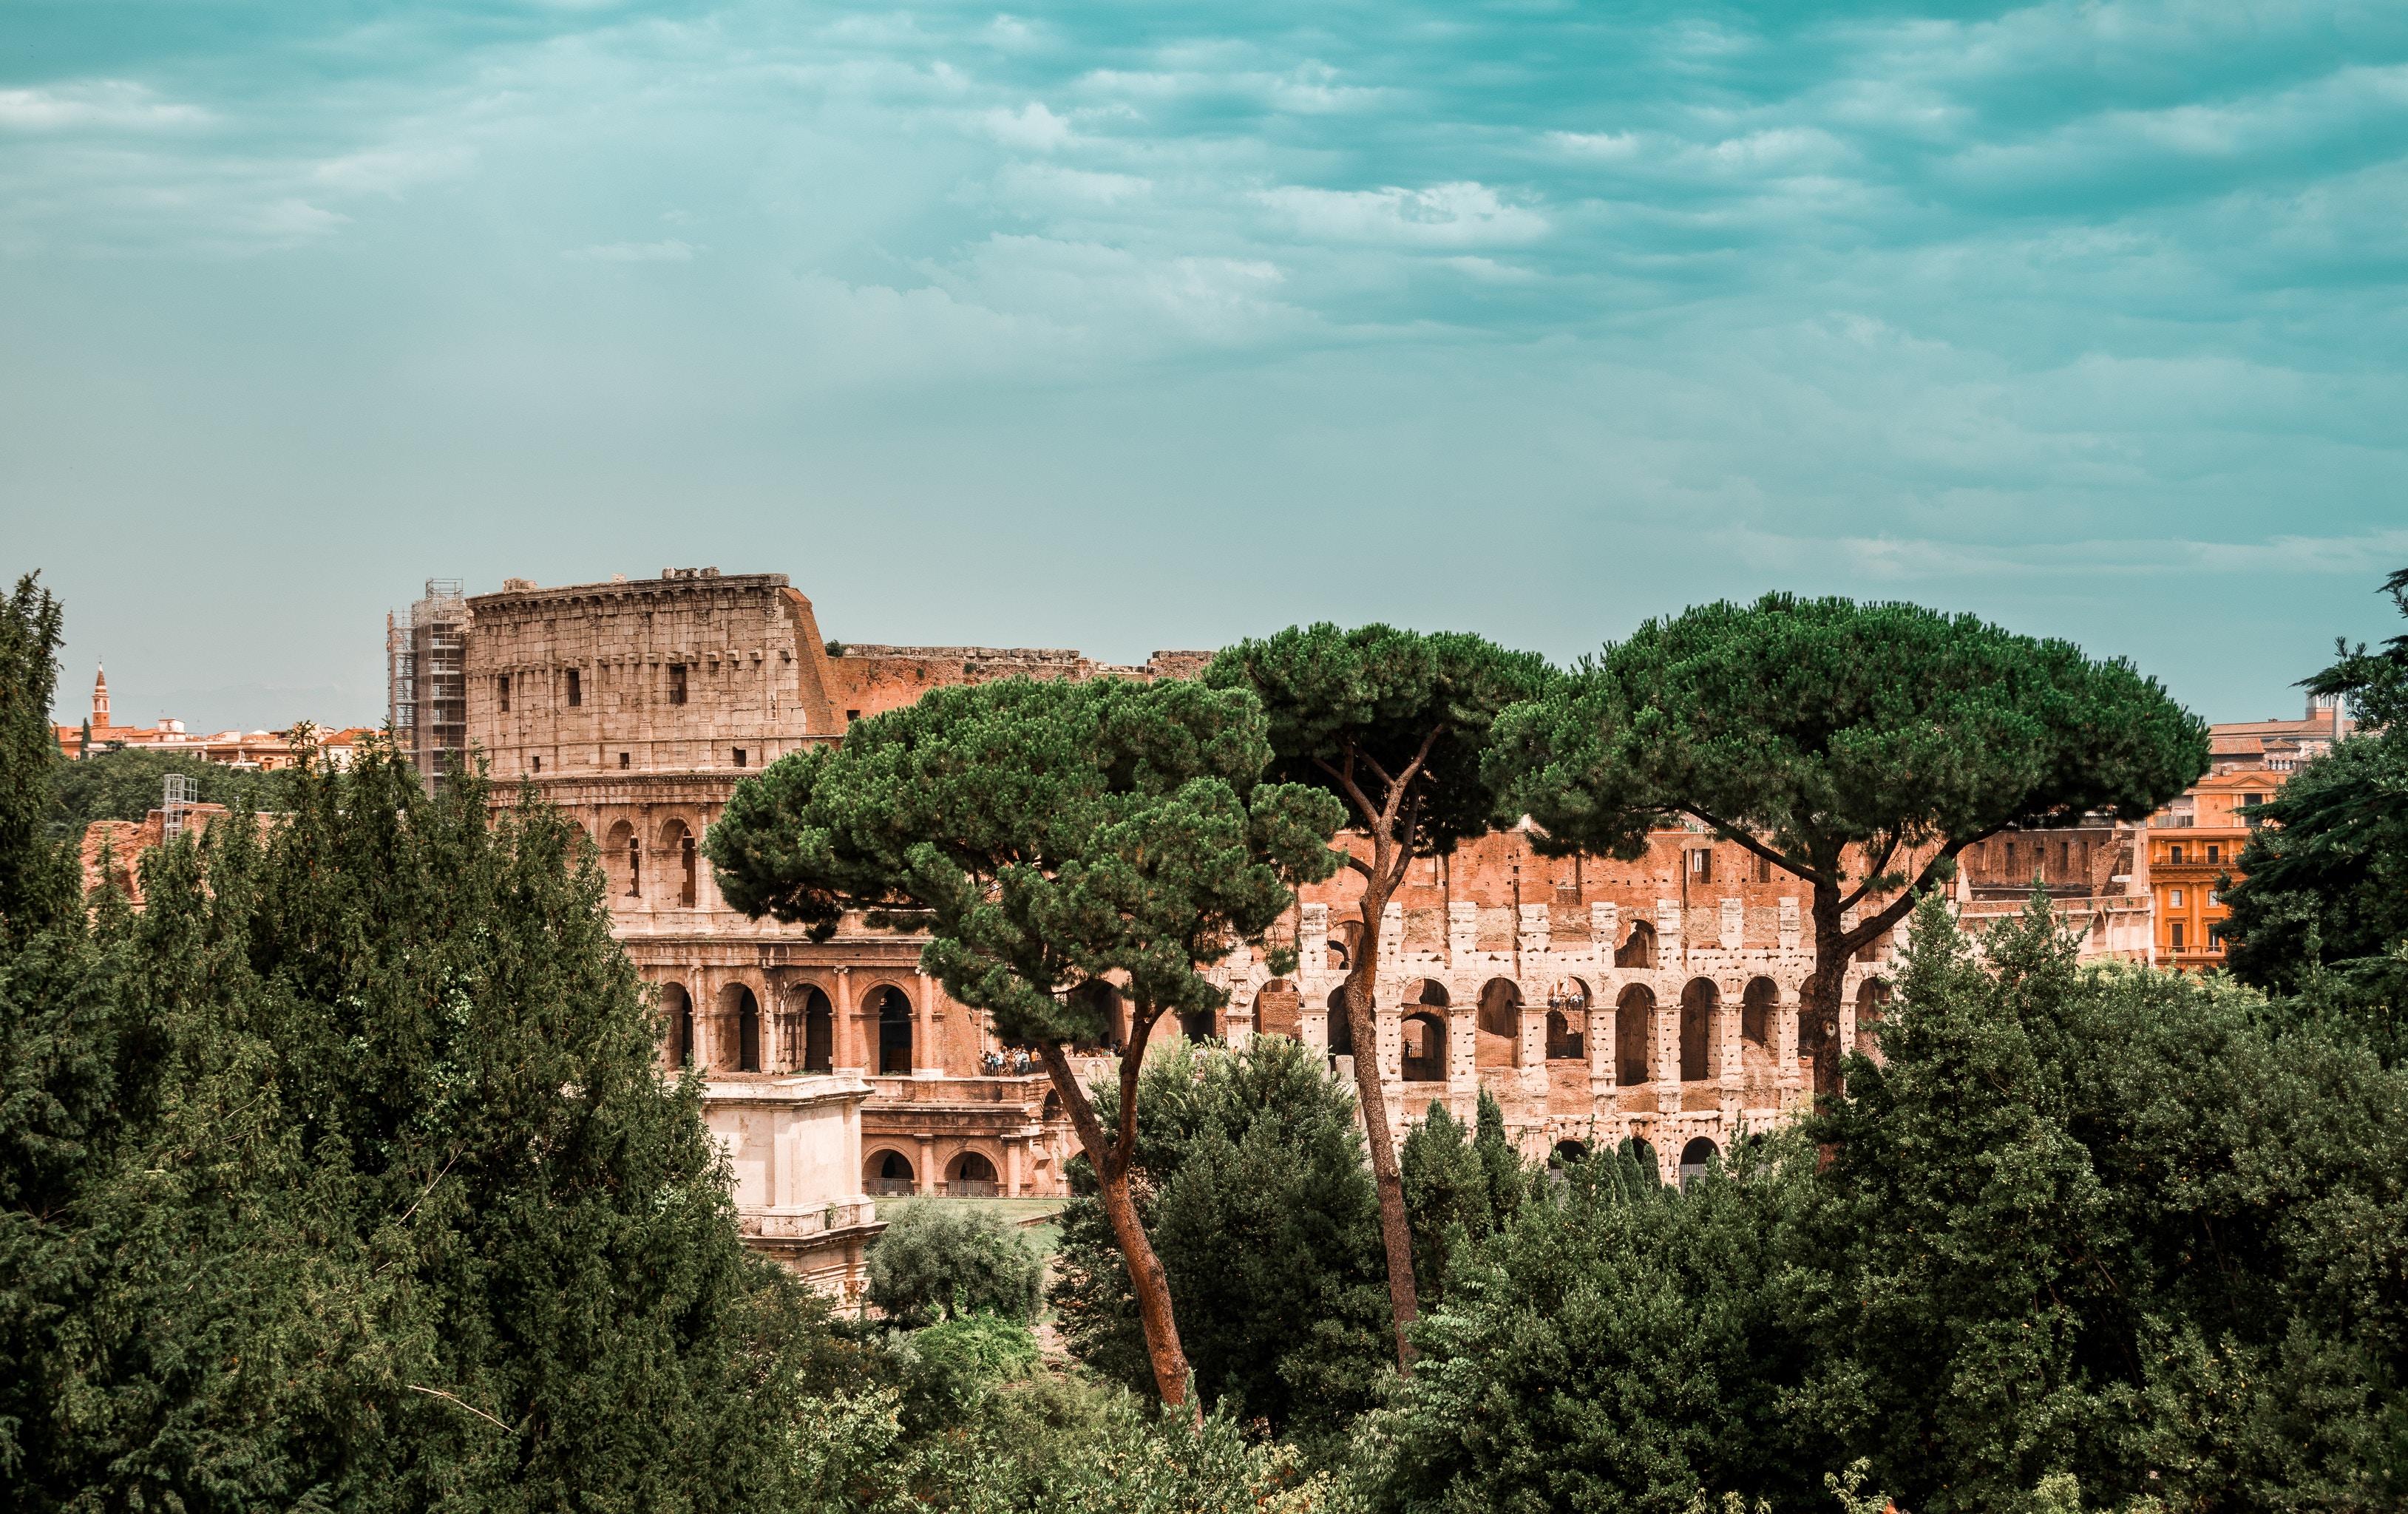 Italie : Rome, Naples et Campanie